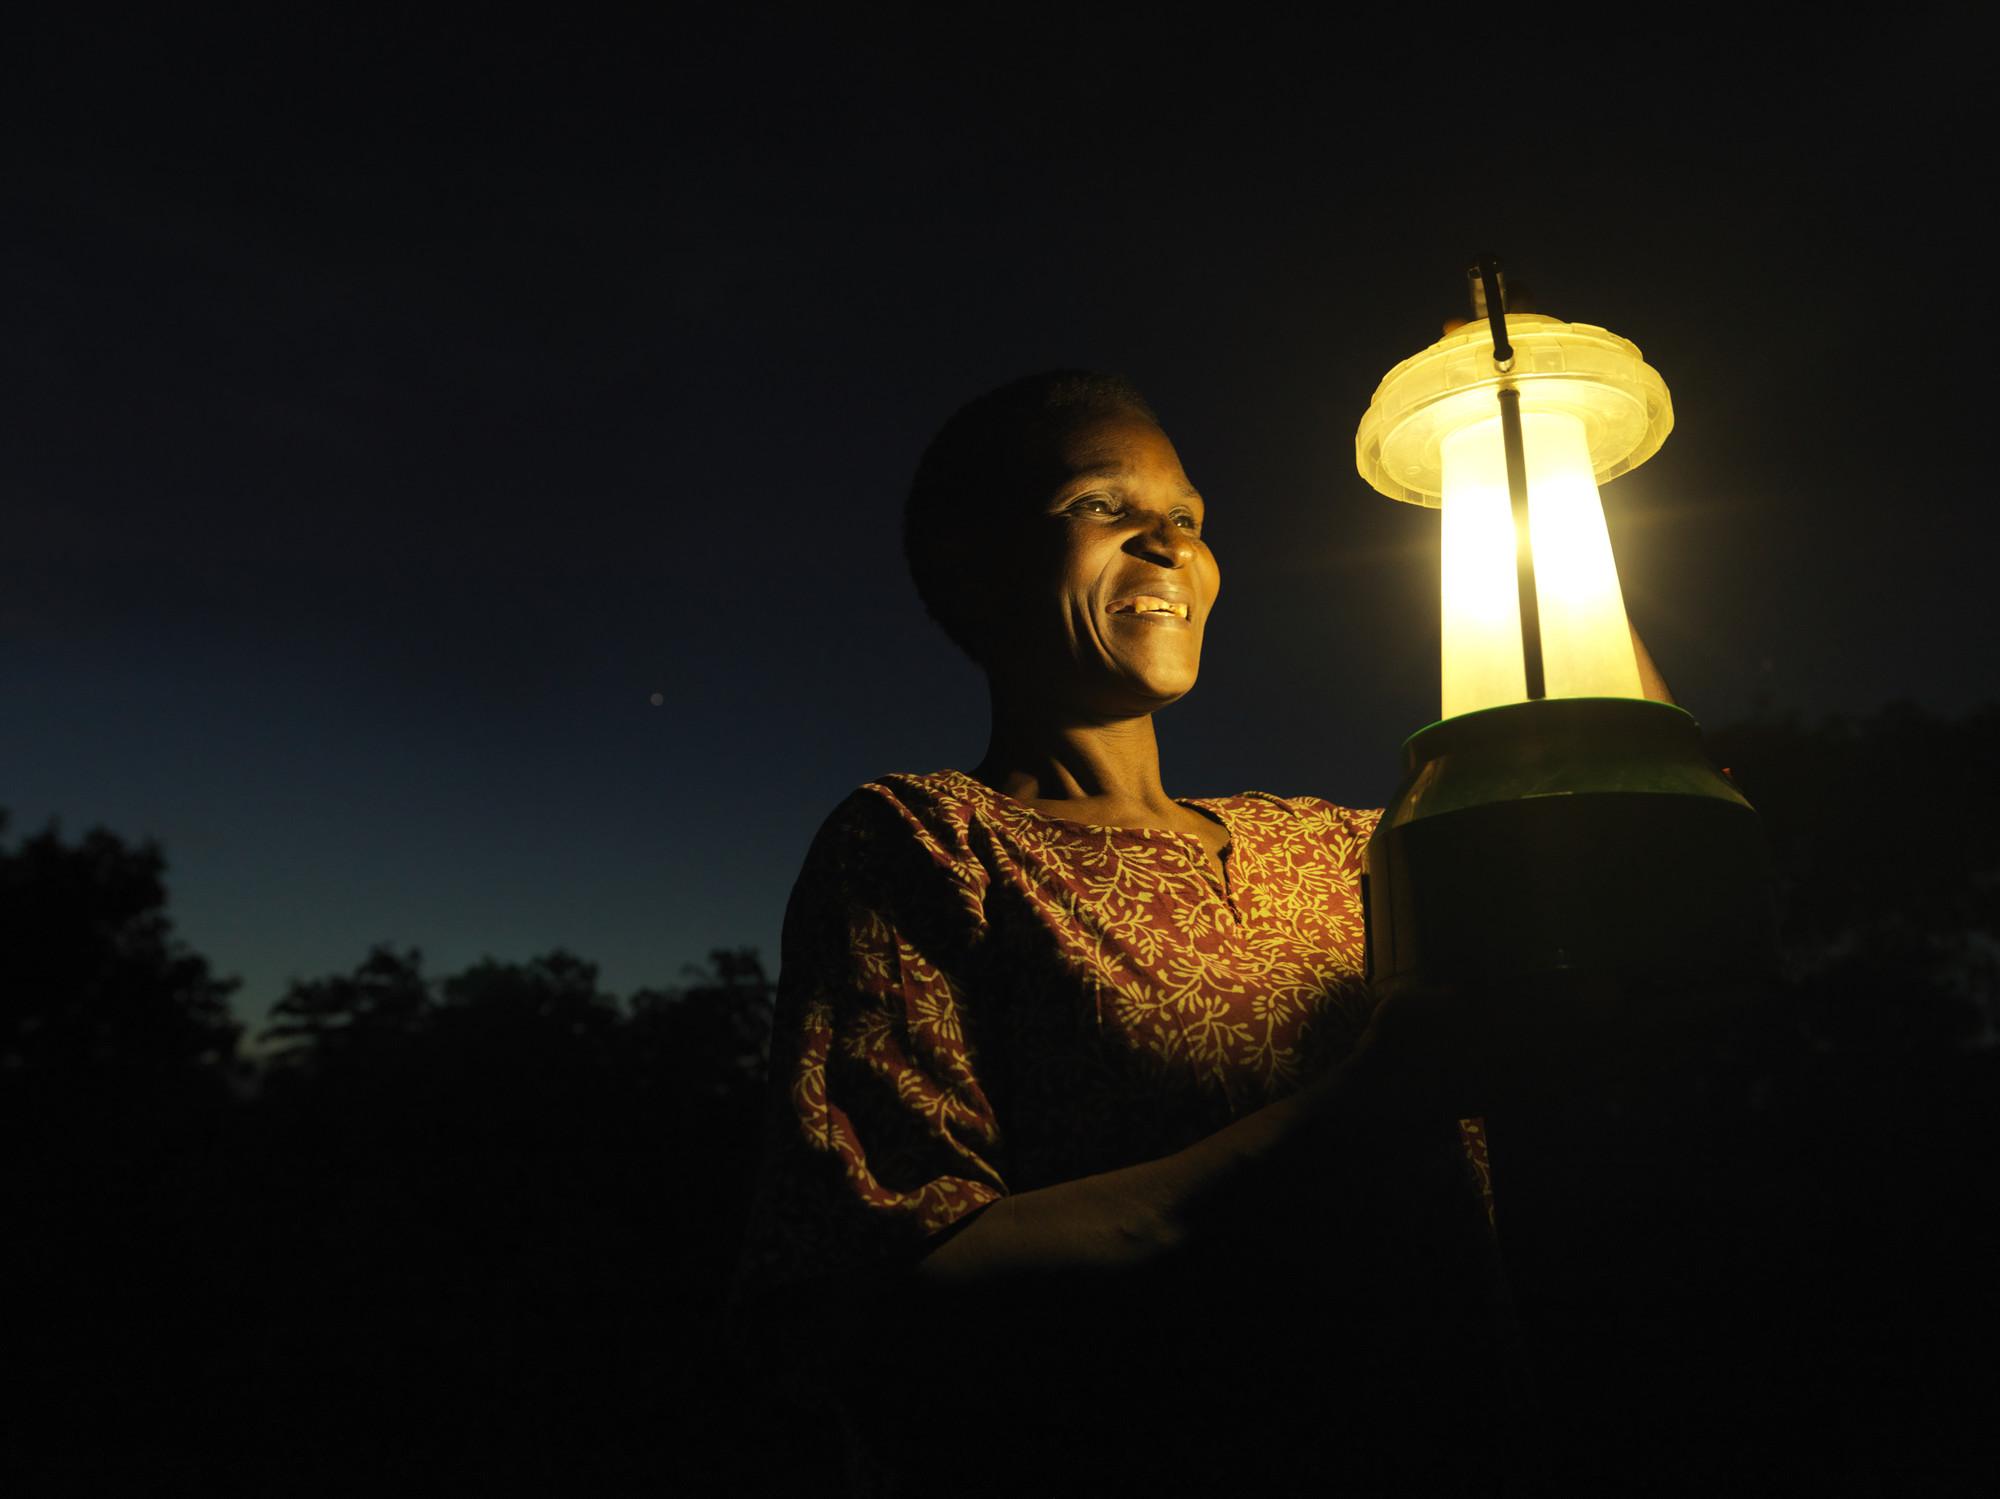 Niềm vui của 1 người dân Malawi khi được sử dụng điện mặt trời.